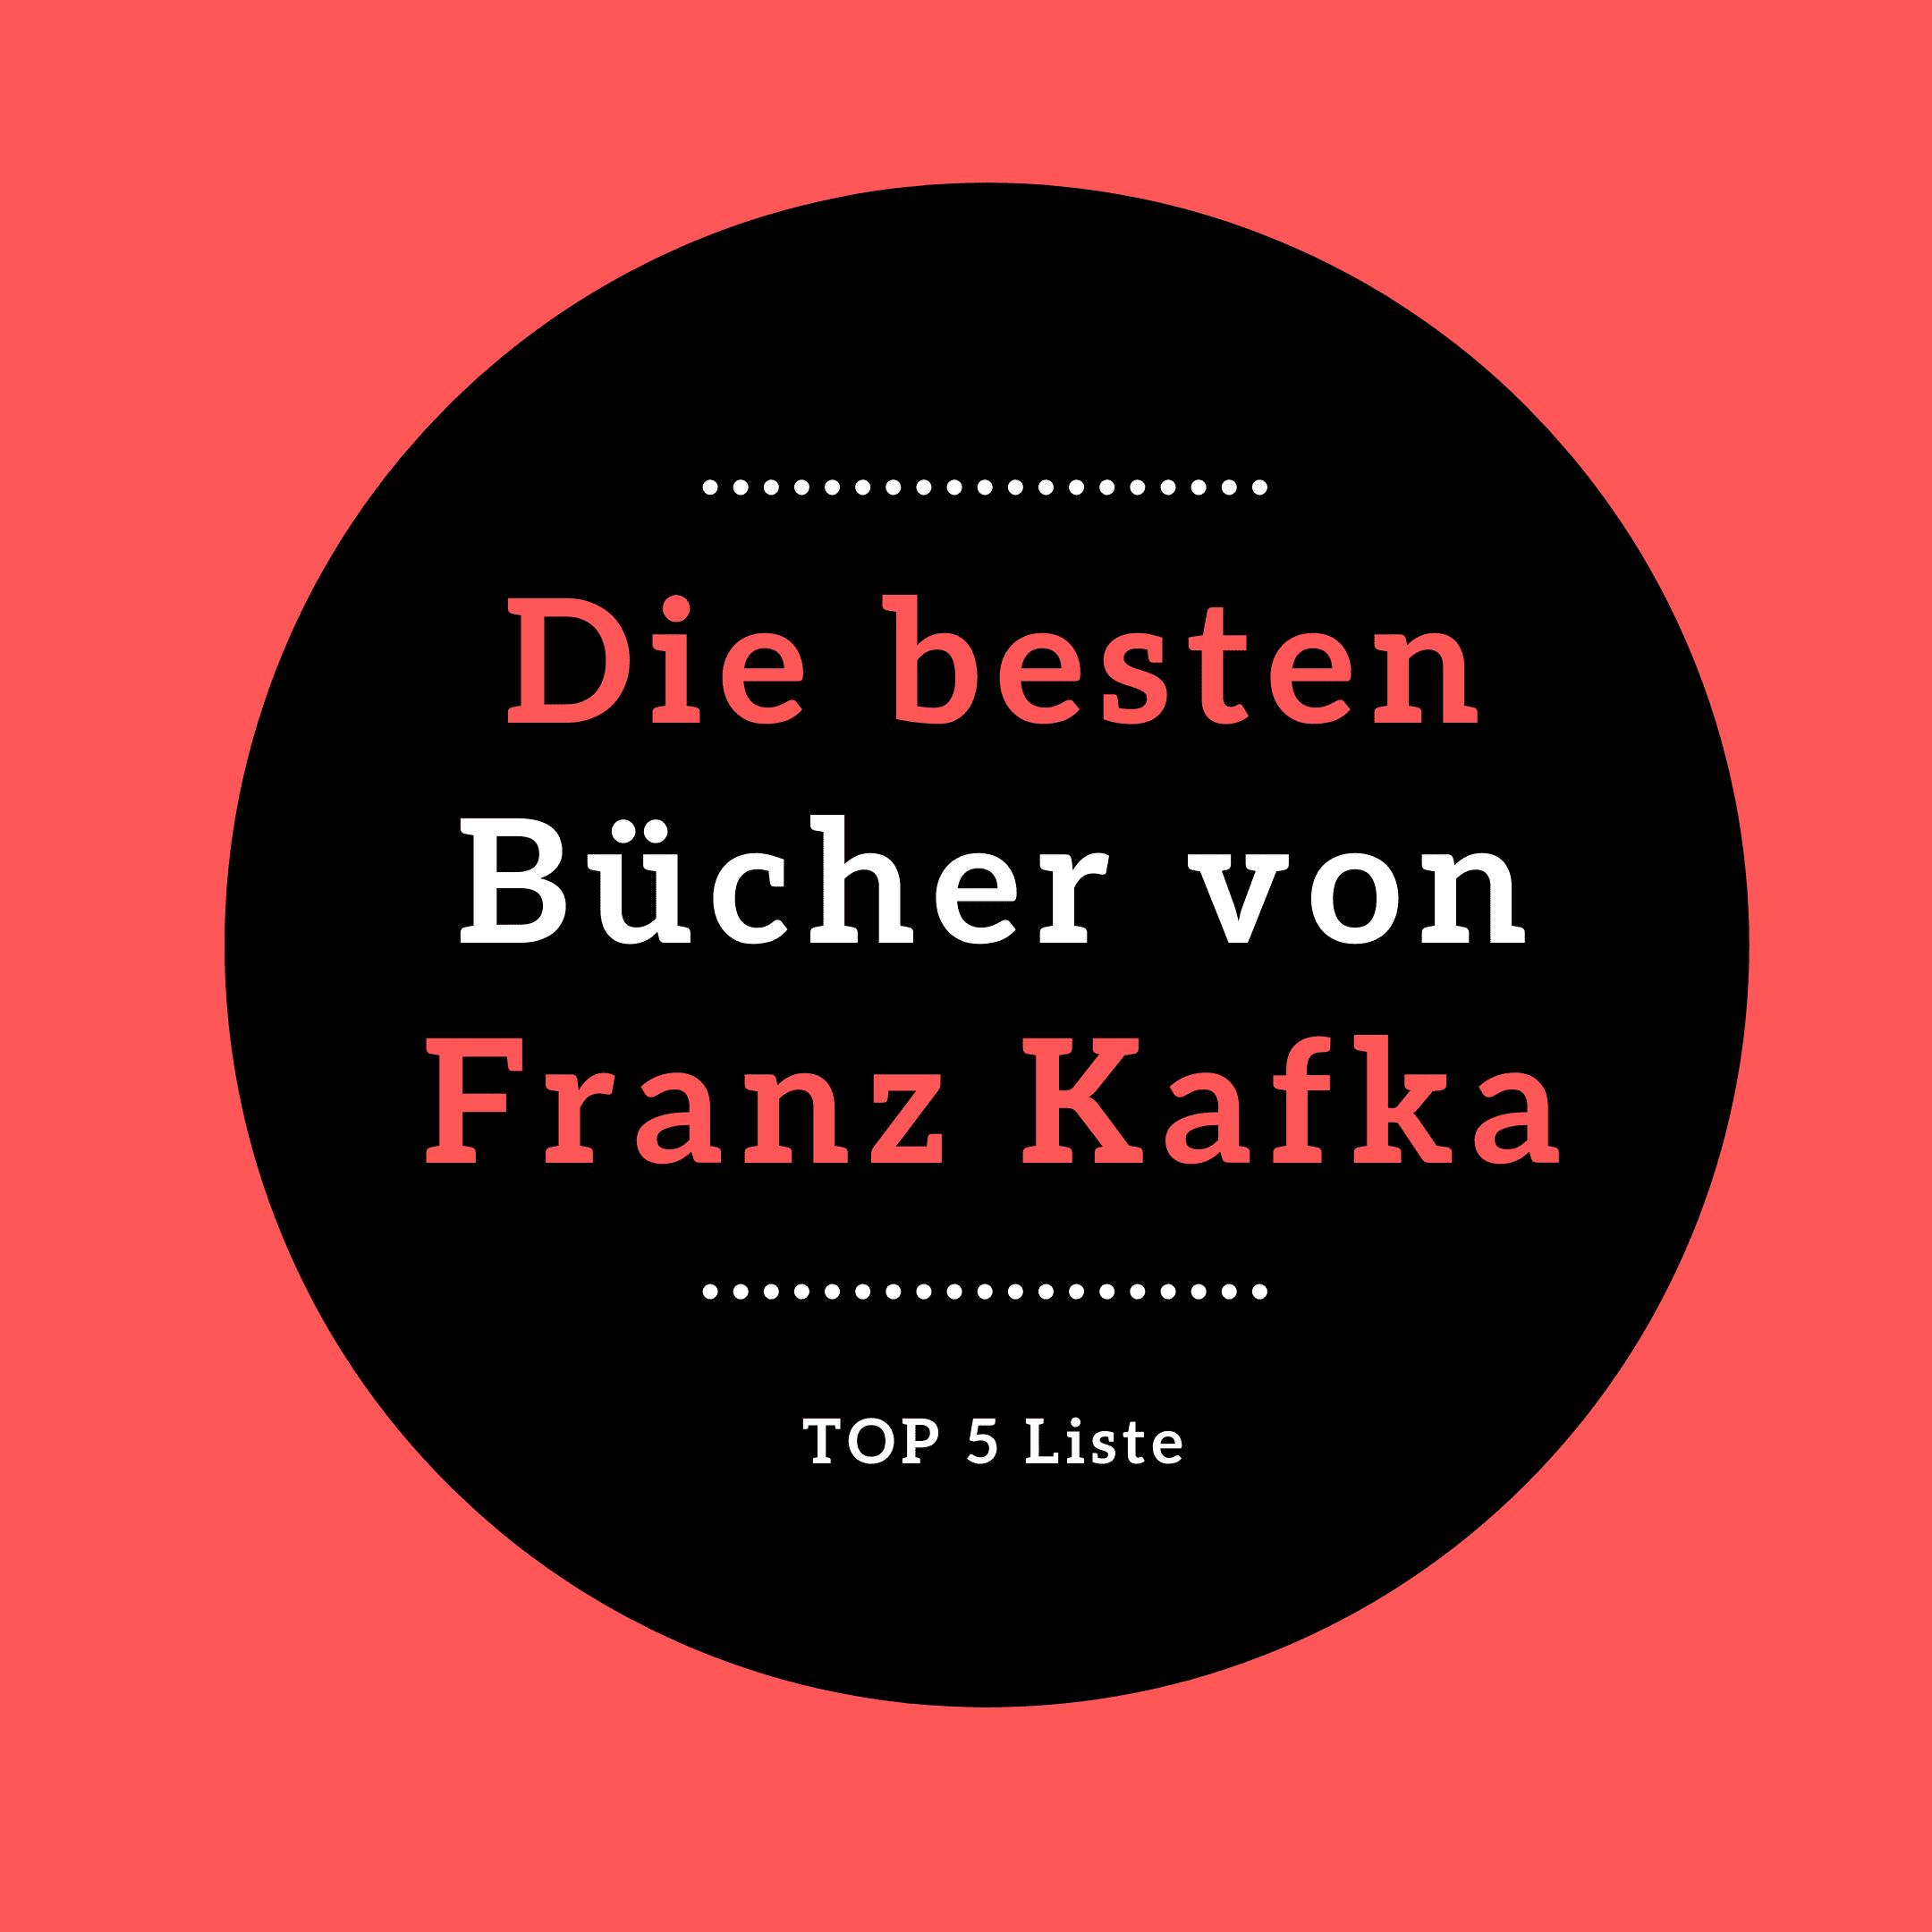 Die besten Bücher Franz Kafka LIWI Verlag